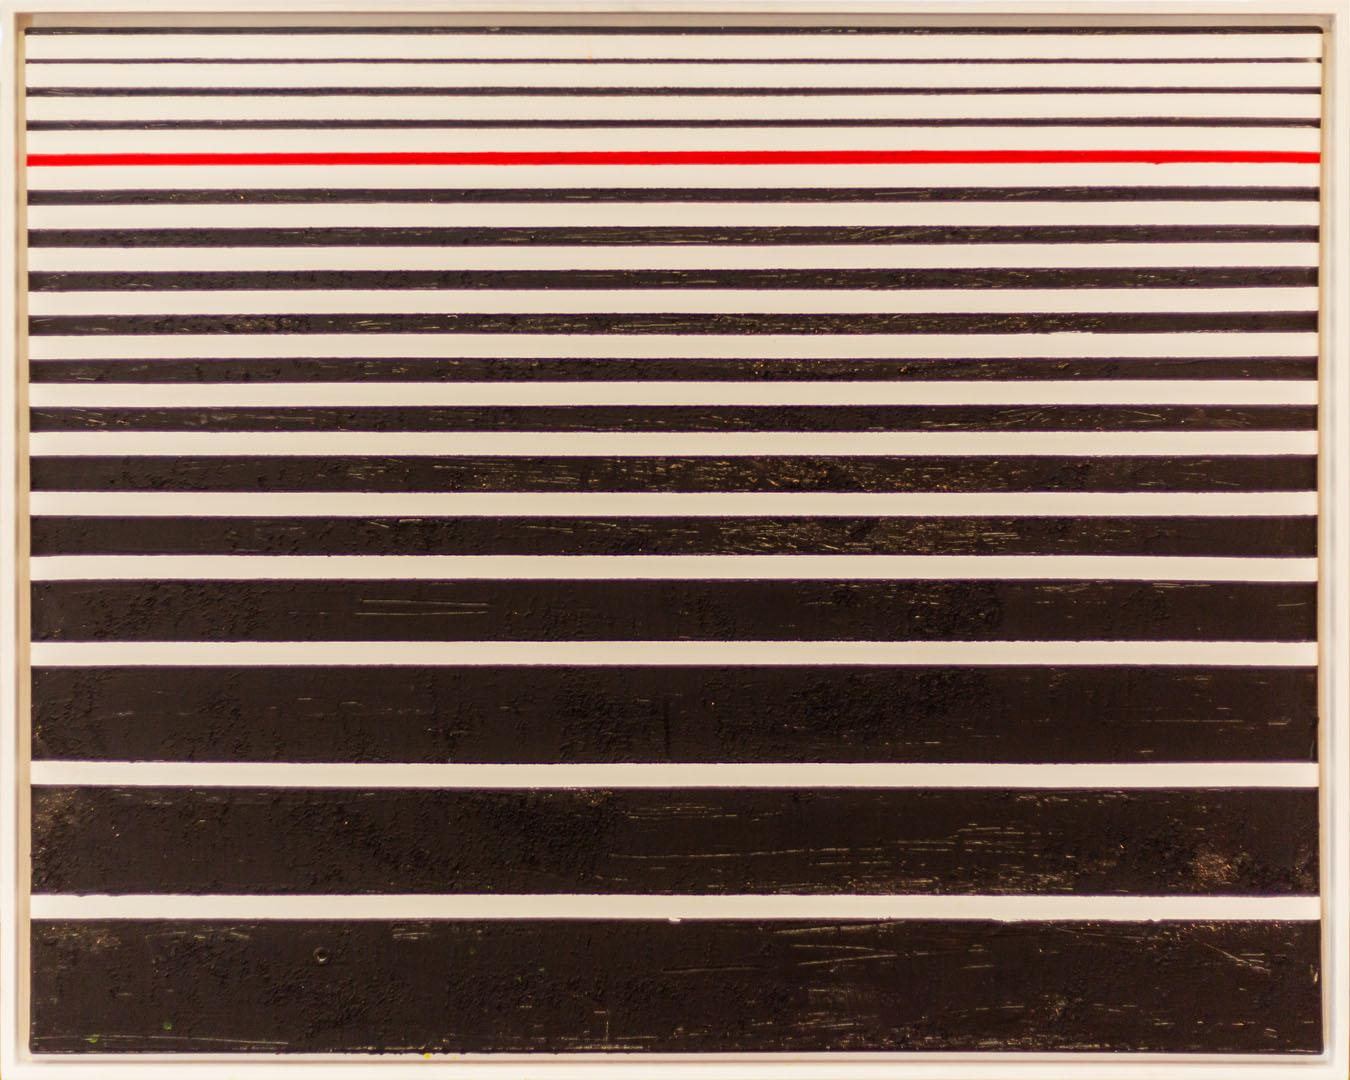 Andreas Lorenz: Red Borderline | Acryl; 100 x 80 cm; 500,00 € | *1962 in Burghausen; 1980 erster Zeichenkurs; Arbeiten in Bleistift, Tusche, Aquarell und Acryl; 1997 erste gemeinsame Ausstellung mit Werner Pink; realistische Arbeiten mit Aquarell- und Acrylfarbe werden immer mehr von Bildwerken mit Gebrauchsgegenständen und Farbaufträgen abgelöst; lebt in Traunreut